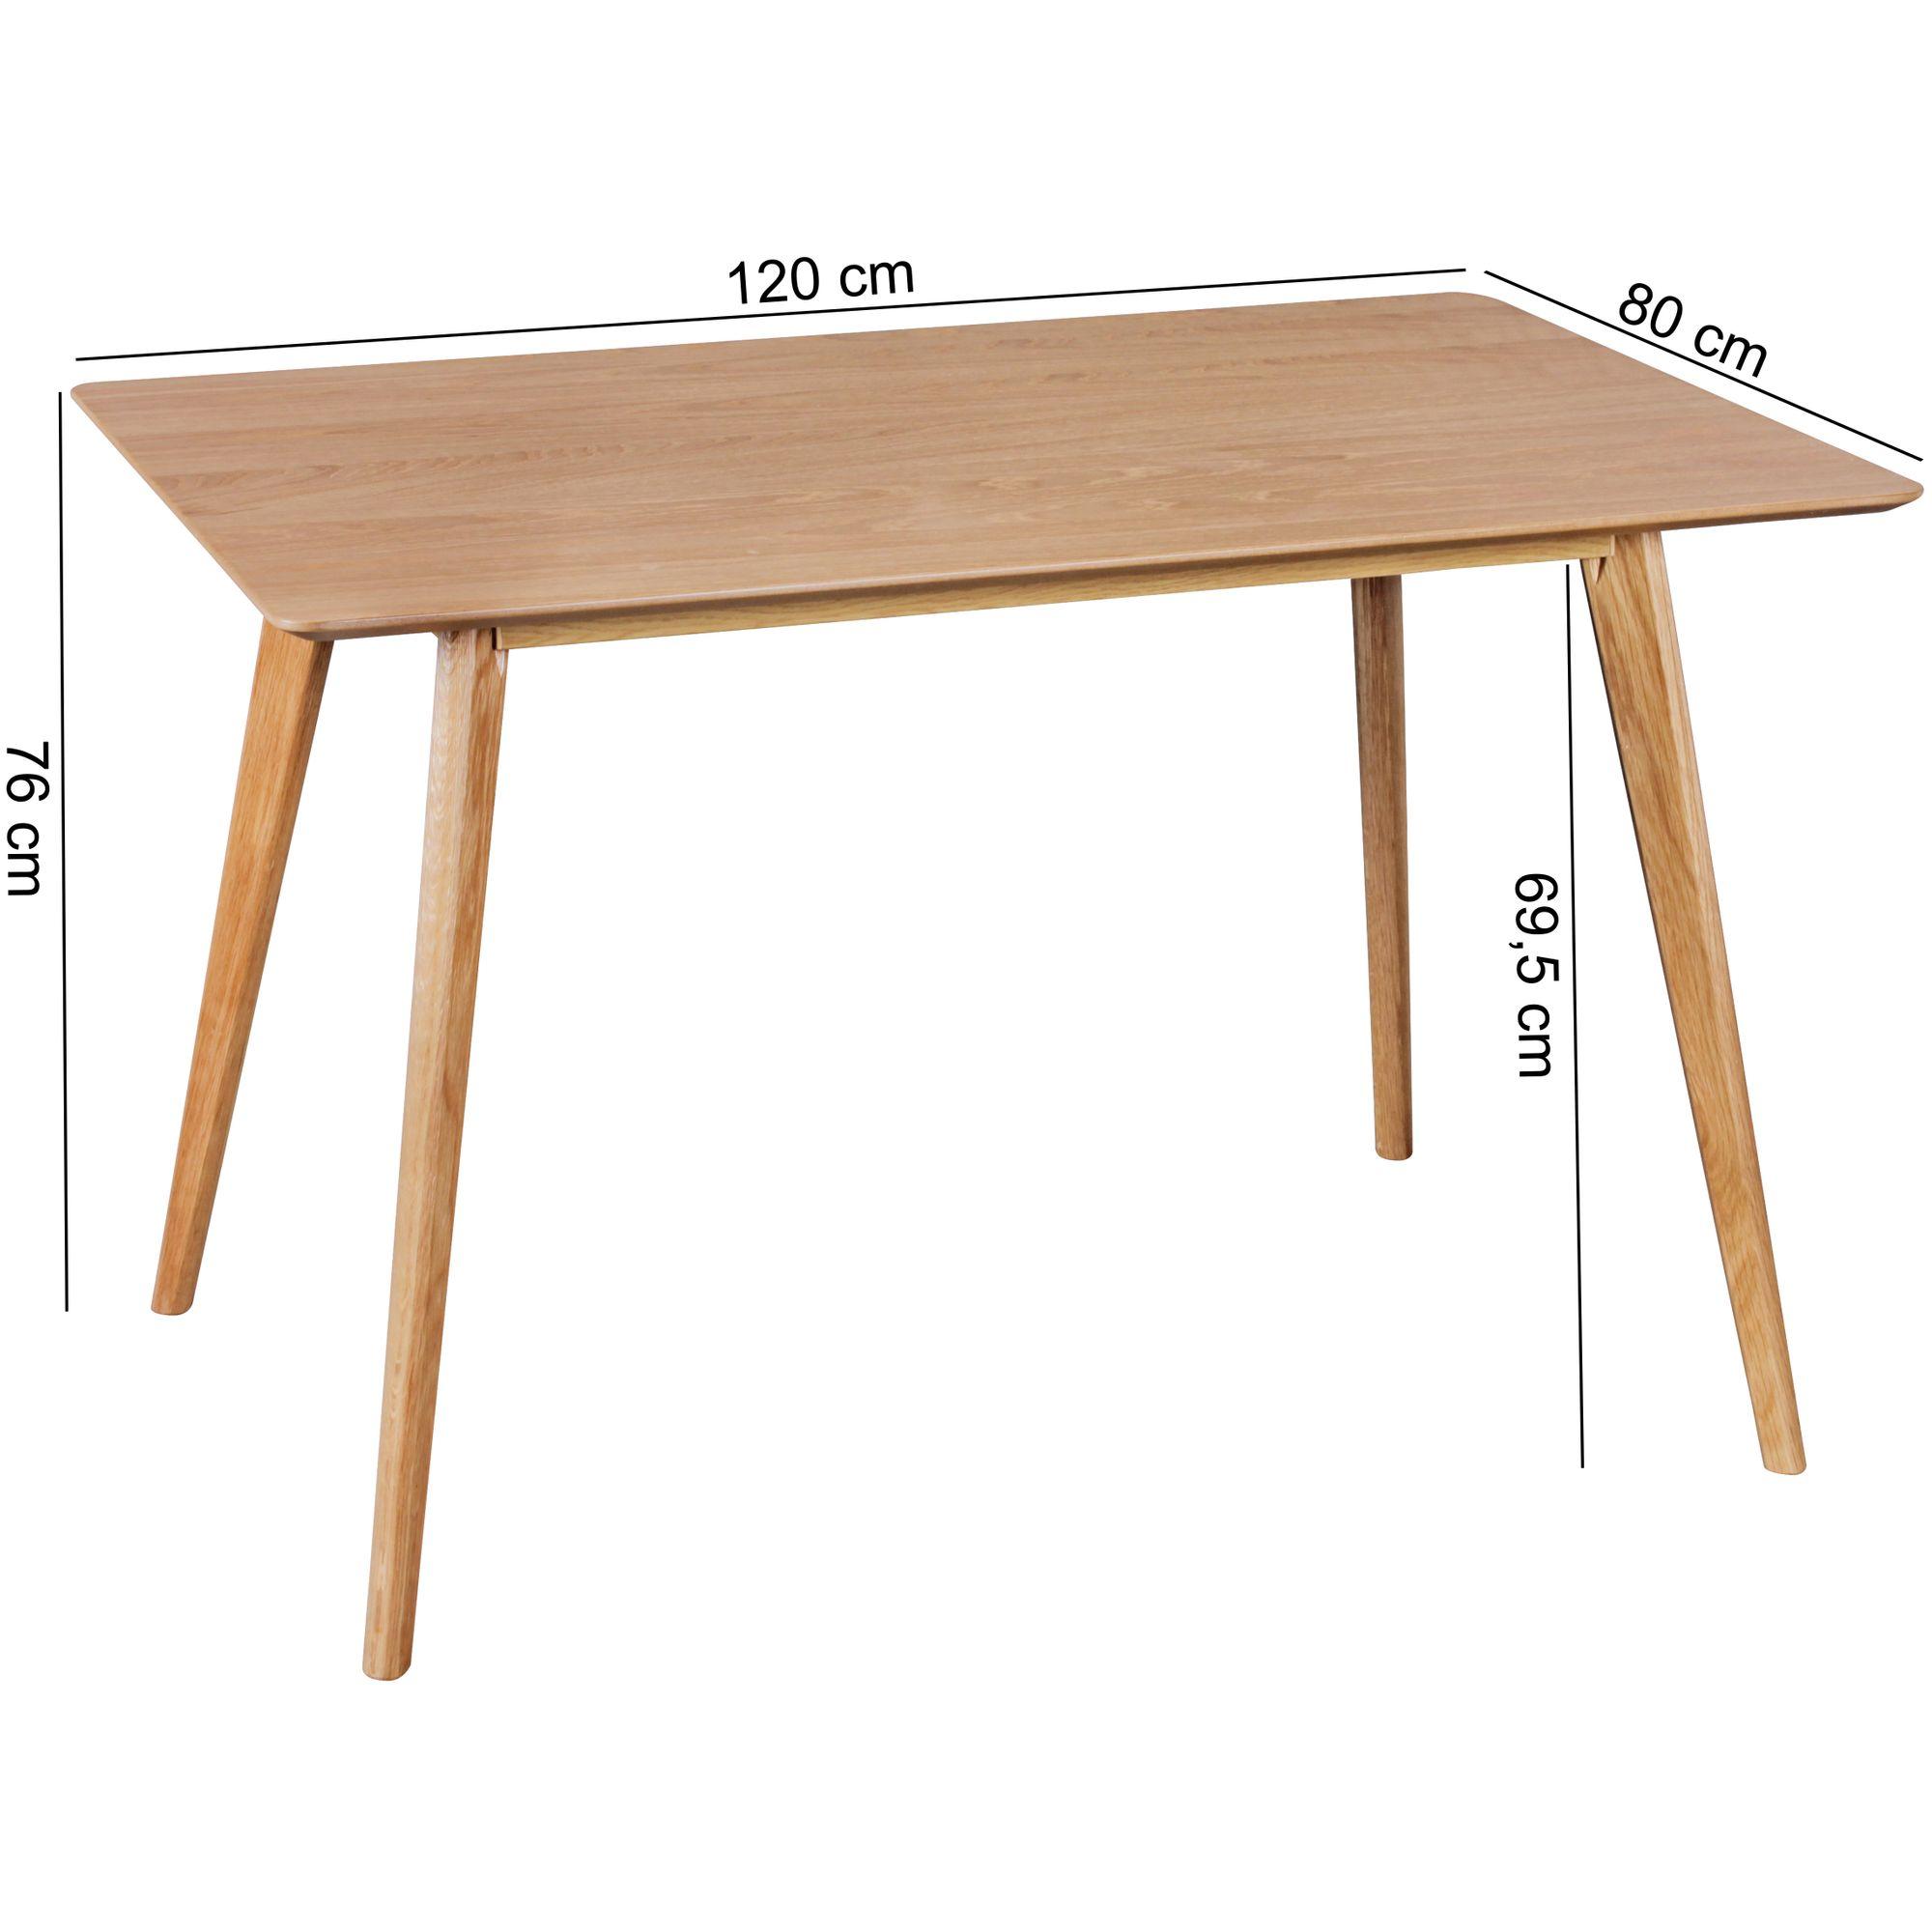 Esszimmertisch Holz Skandinavisch 120 X 80 Cm Eiche Design